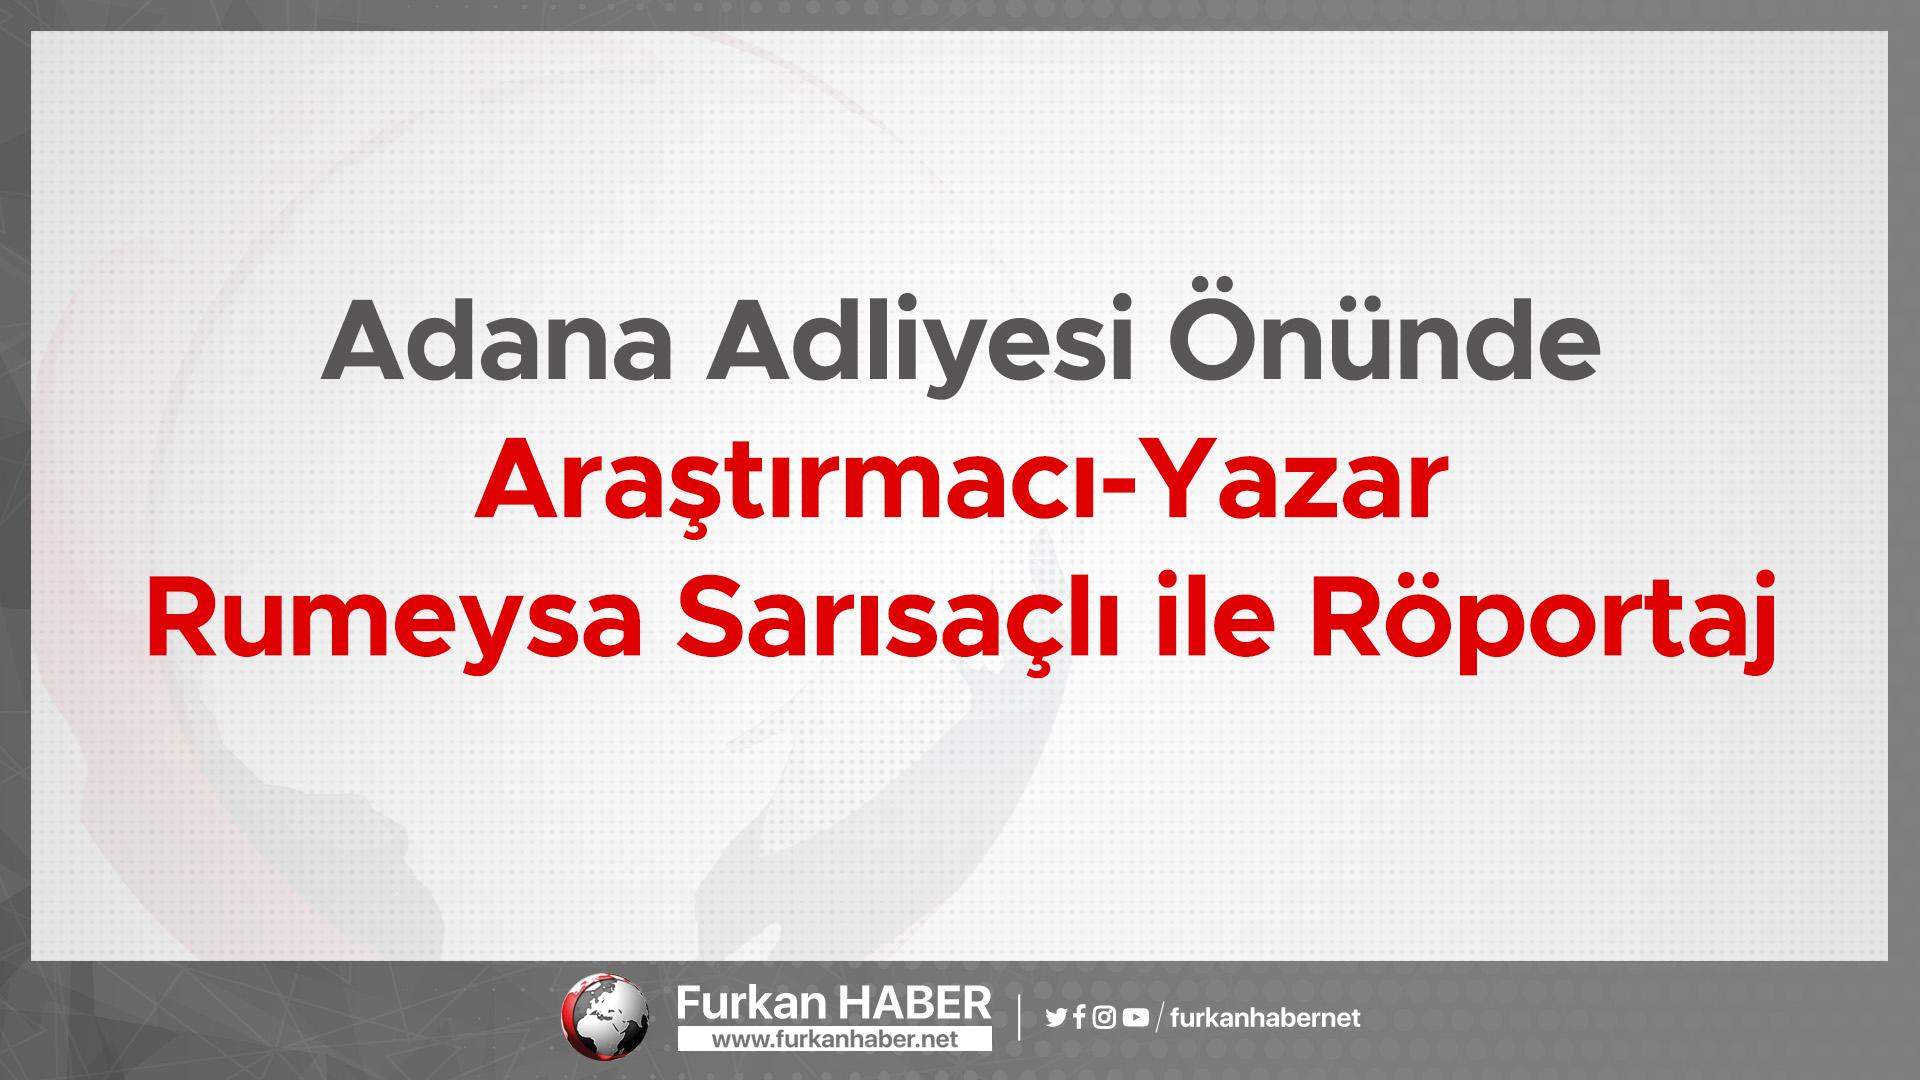 Adana Adliyesi Önünde Araştırmacı-Yazar Rumeysa Sarısaçlı ile Röportaj